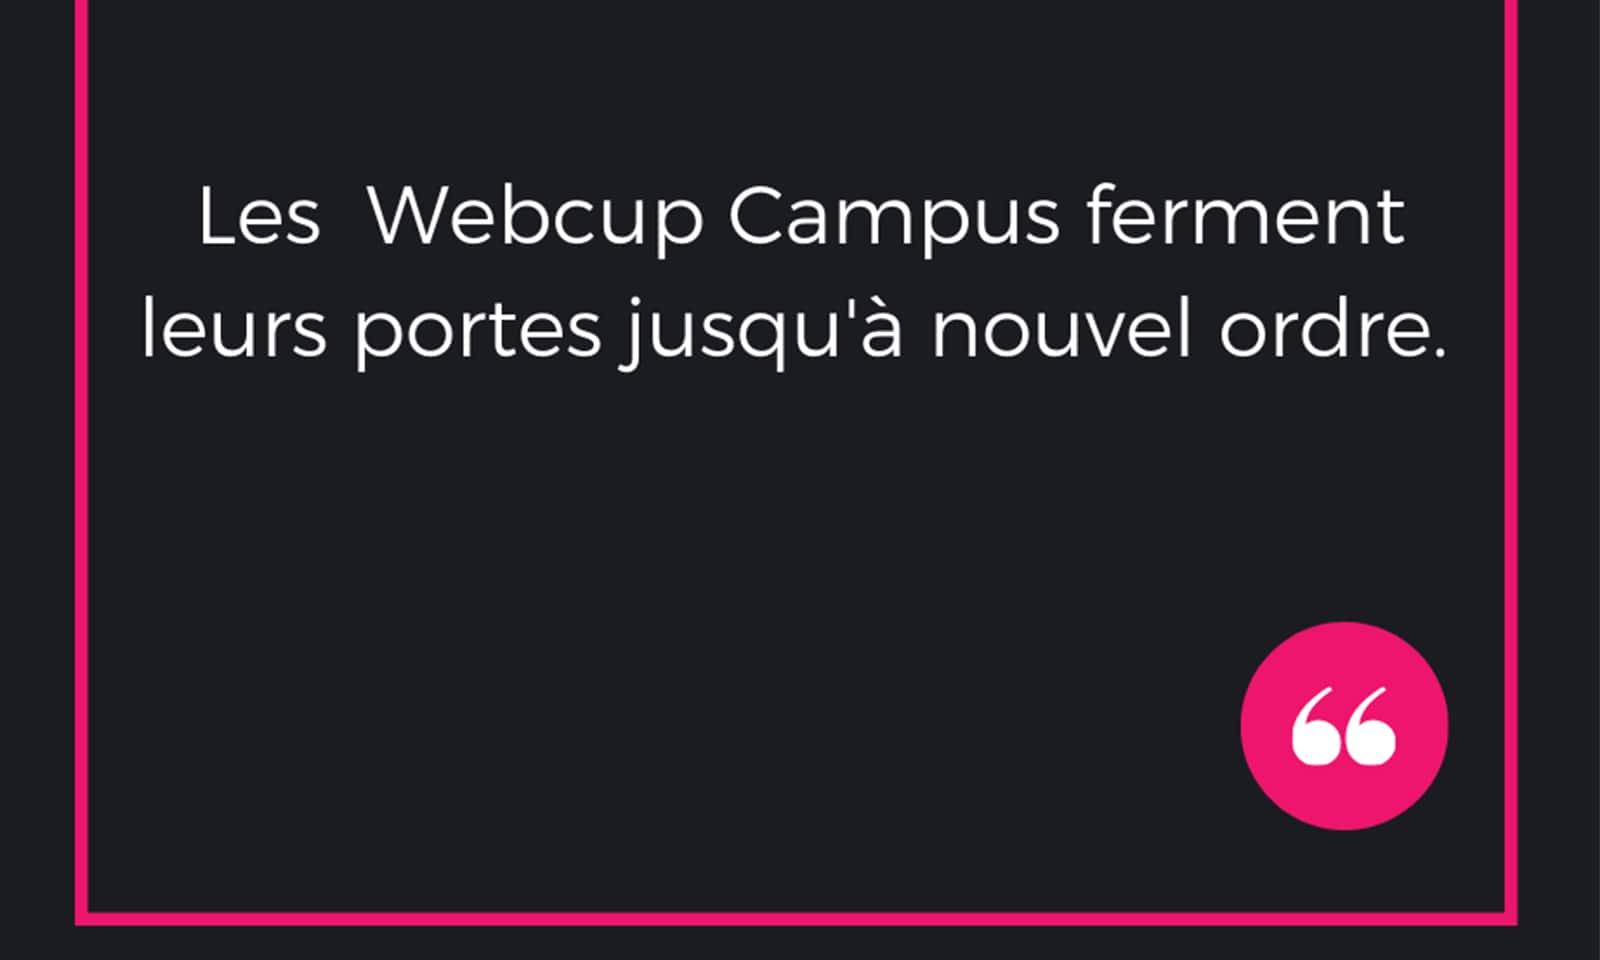 Webcup-Campus